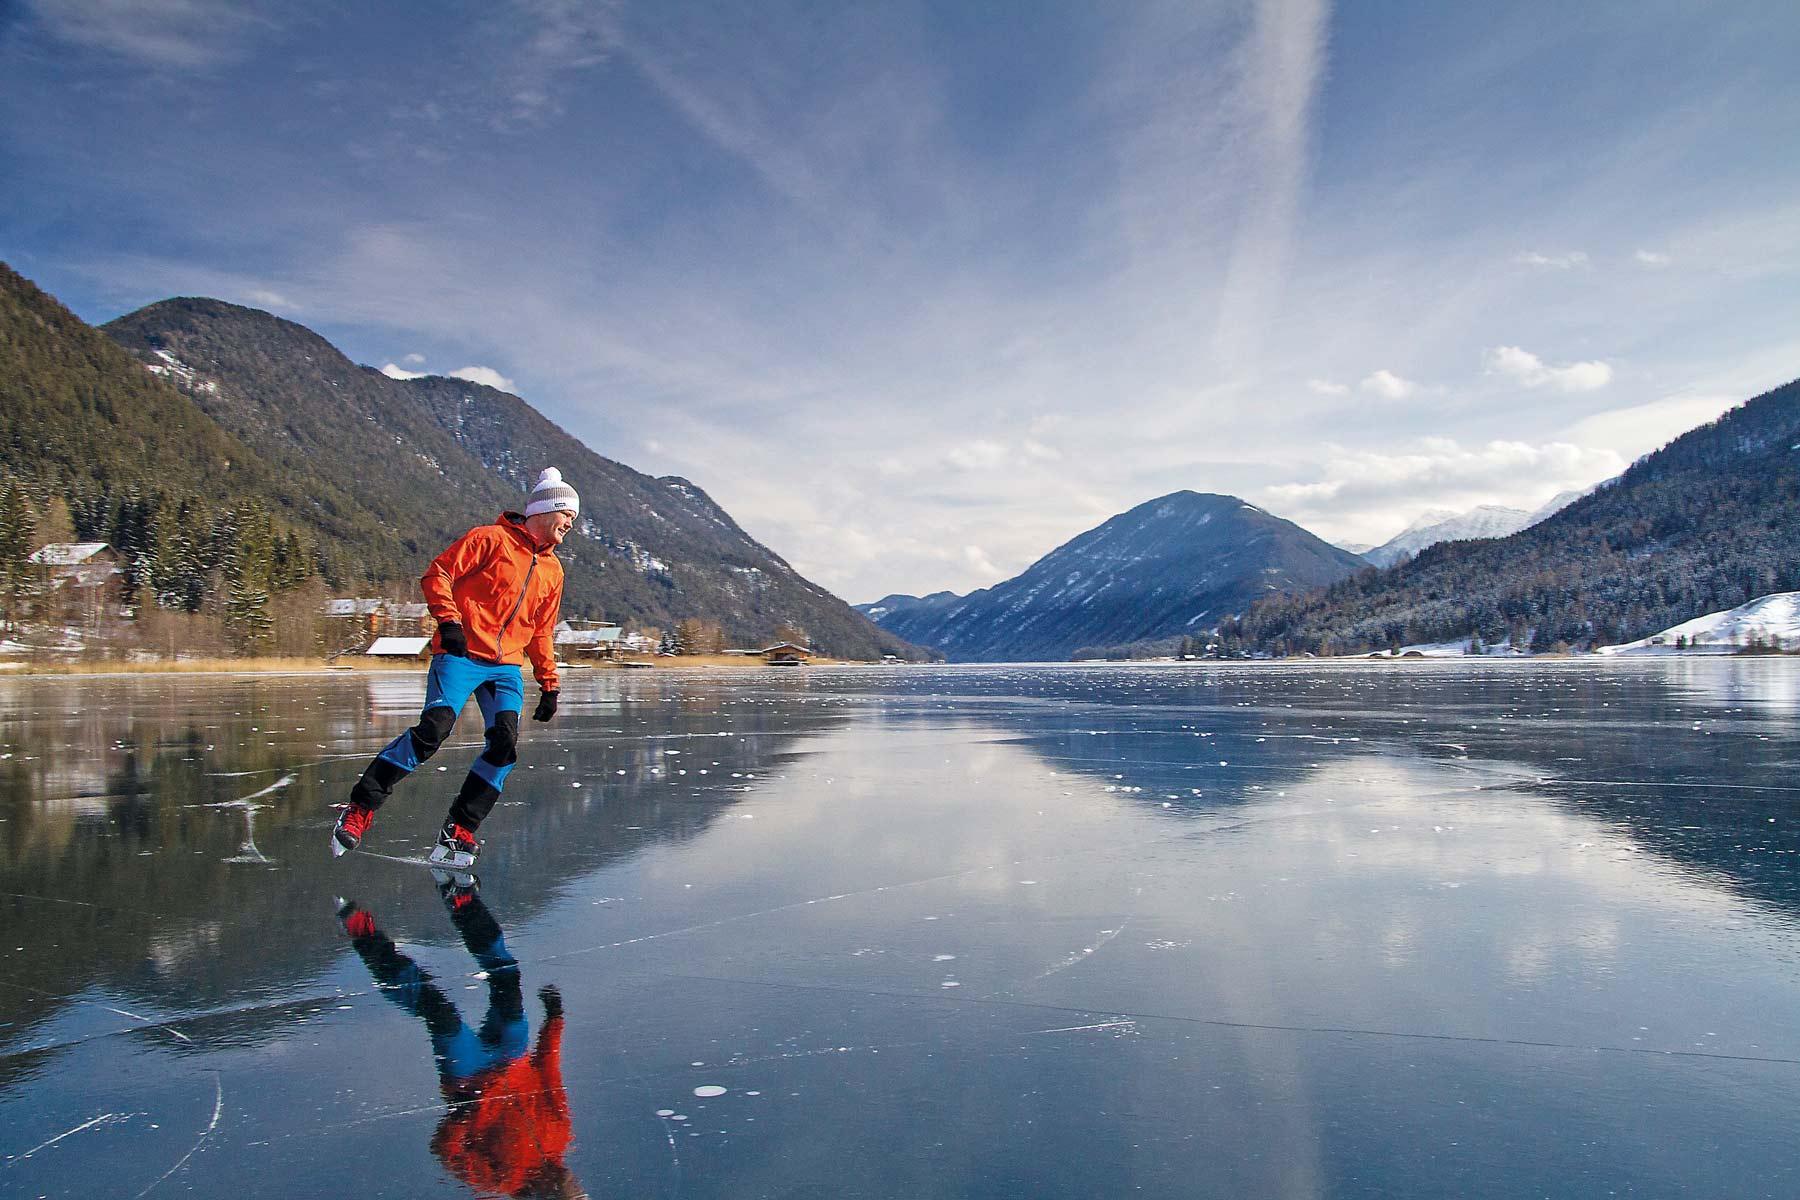 Schlittschuhlaufen auf dem Weissensee in Kärnten © Stefan Valthe